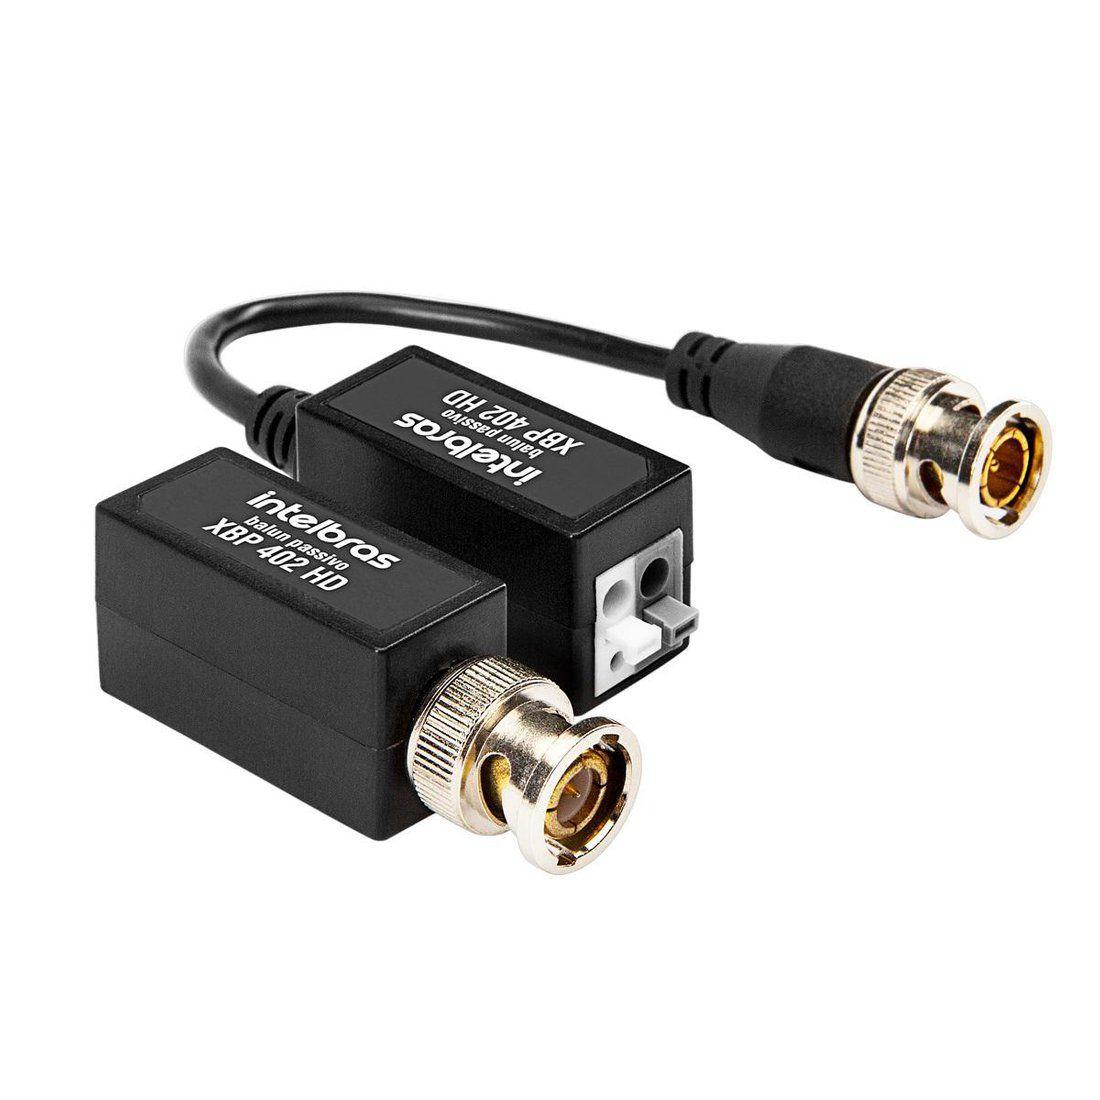 Balun Passivo Intelbras XBP 402 HD Conversor de Sinal